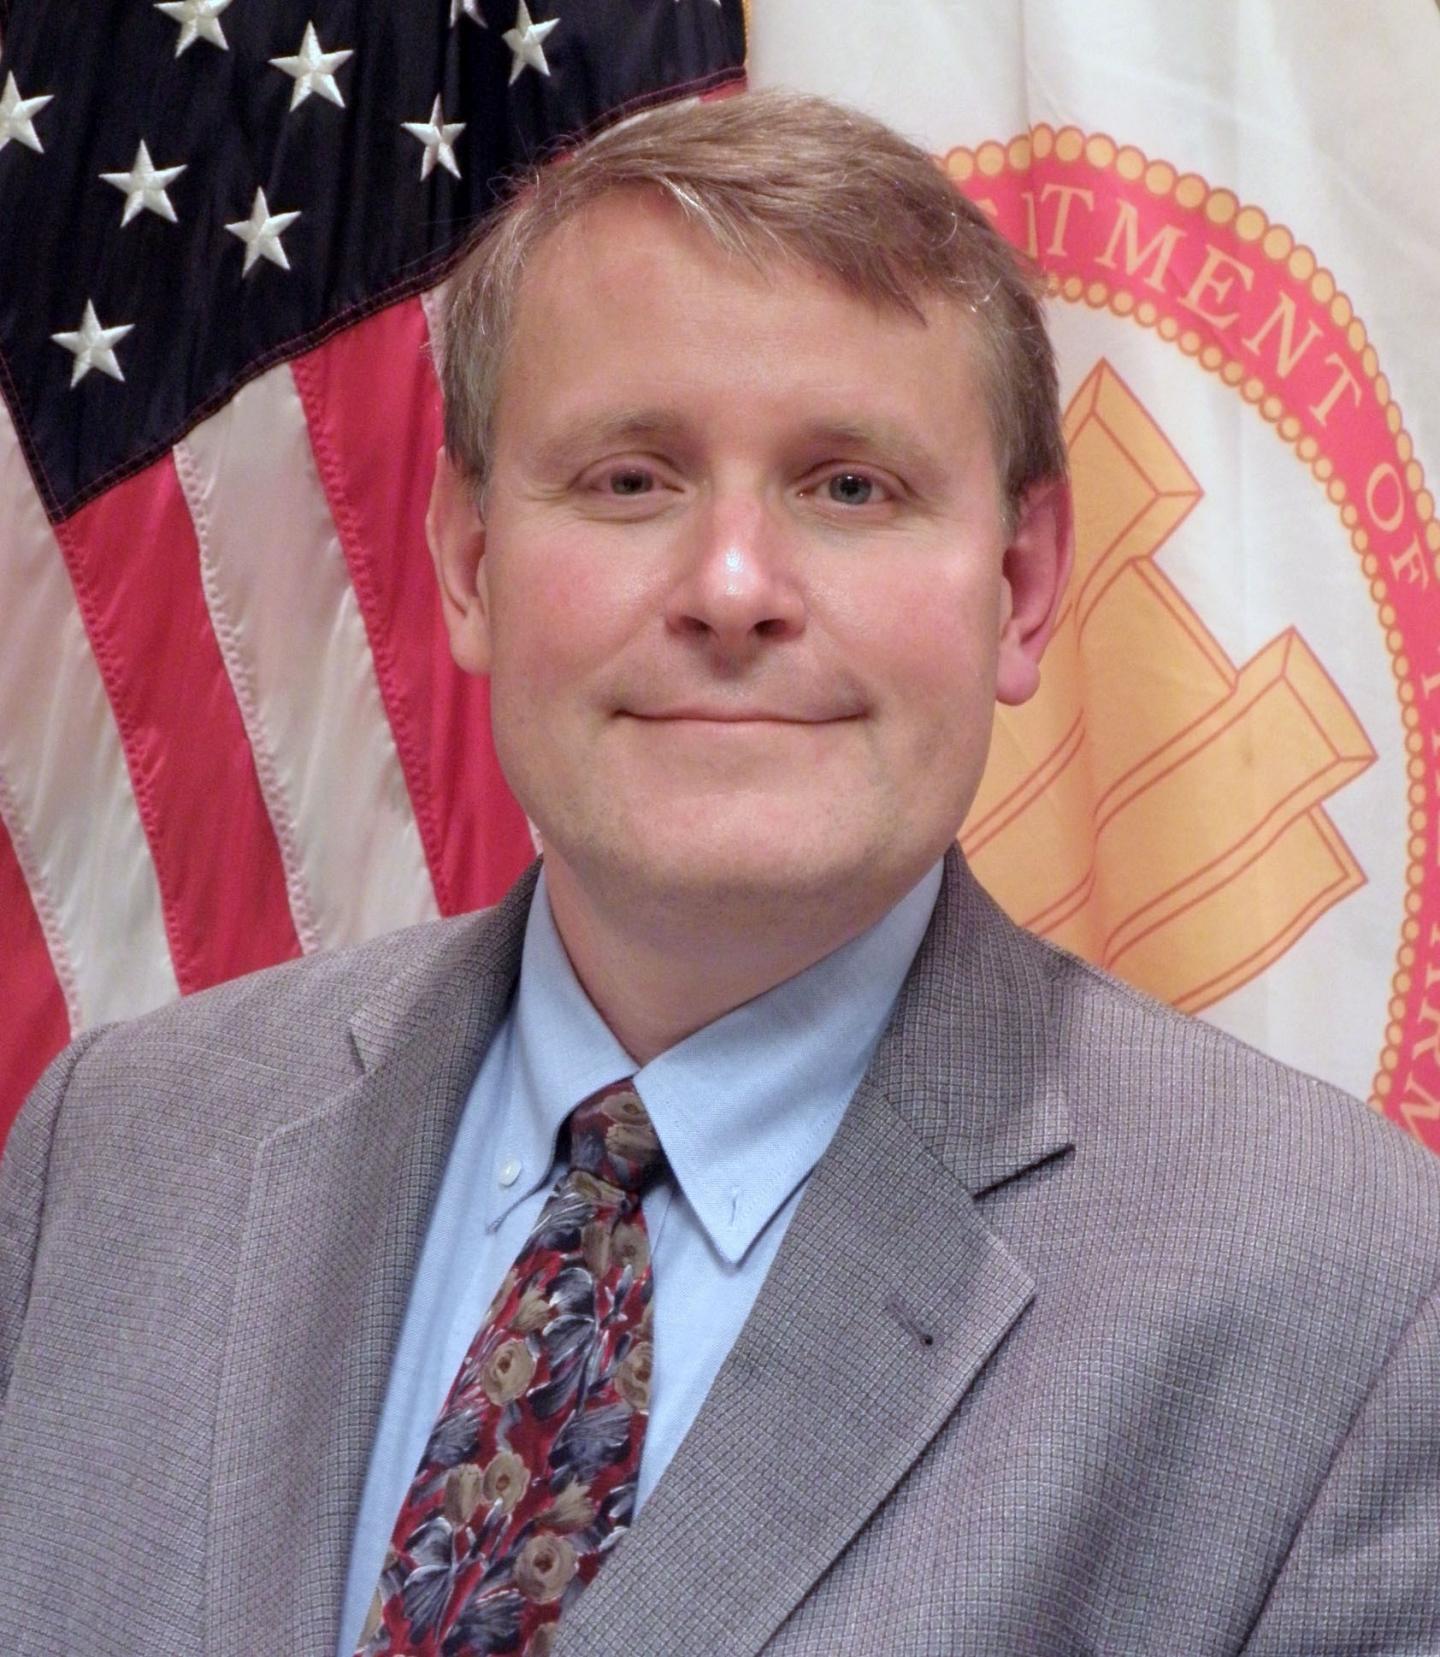 Army senior scientist earns Teddy Award